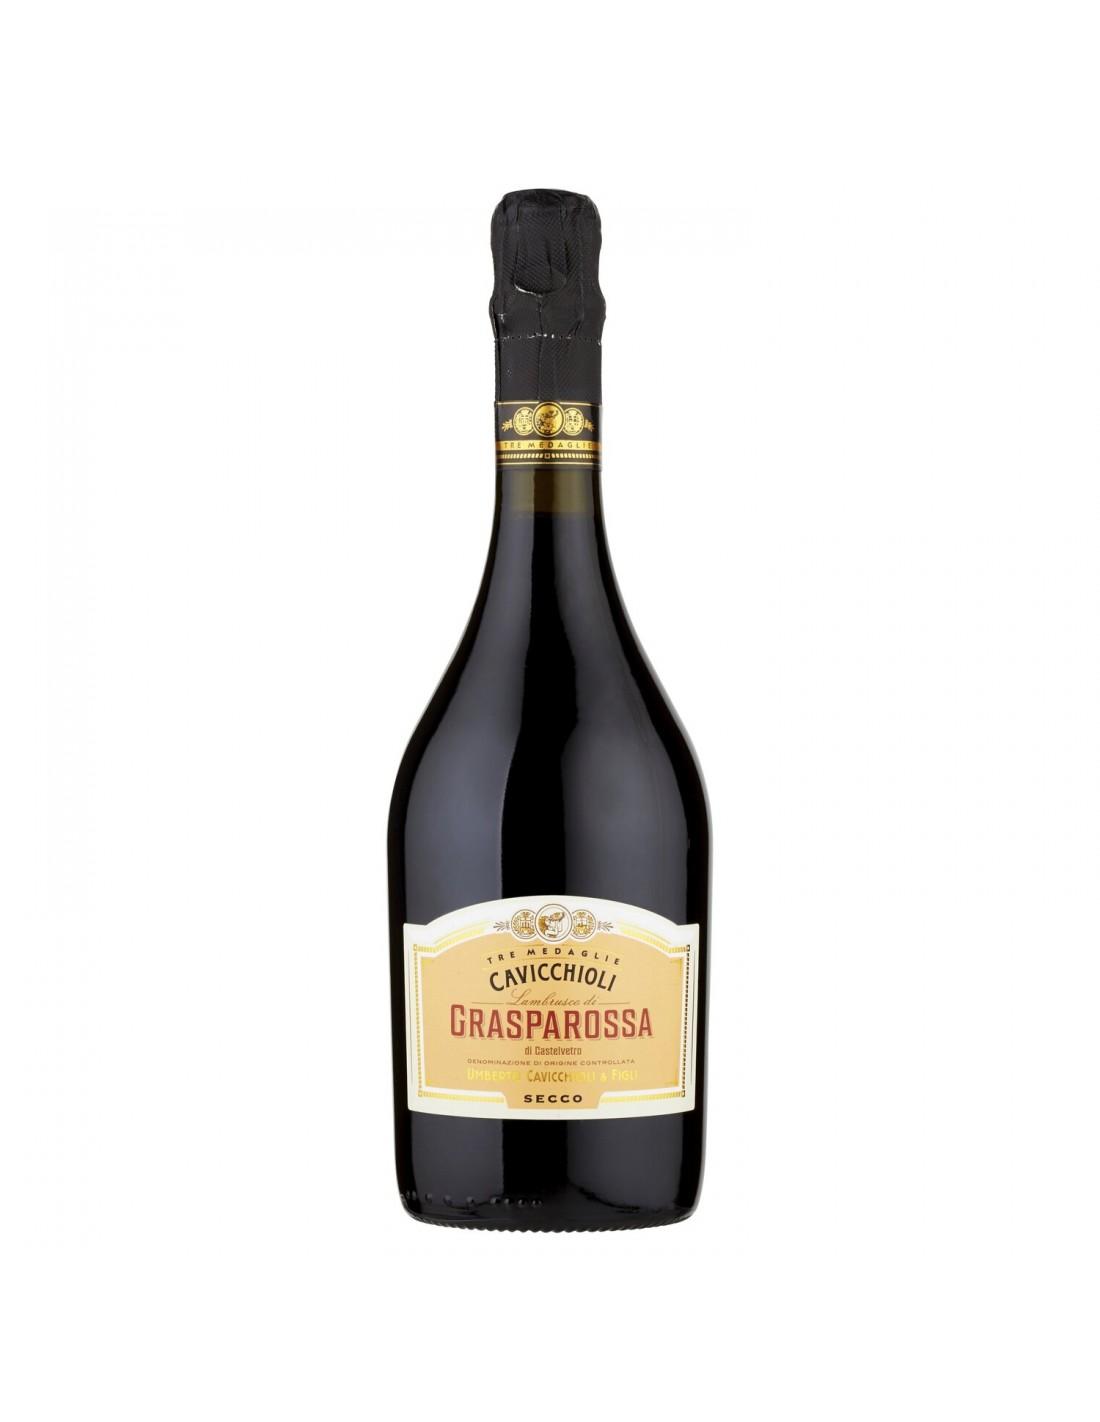 Vin frizzante Cavicchioli Grasparossa Secco, 11% alc., 0.75L, Italia